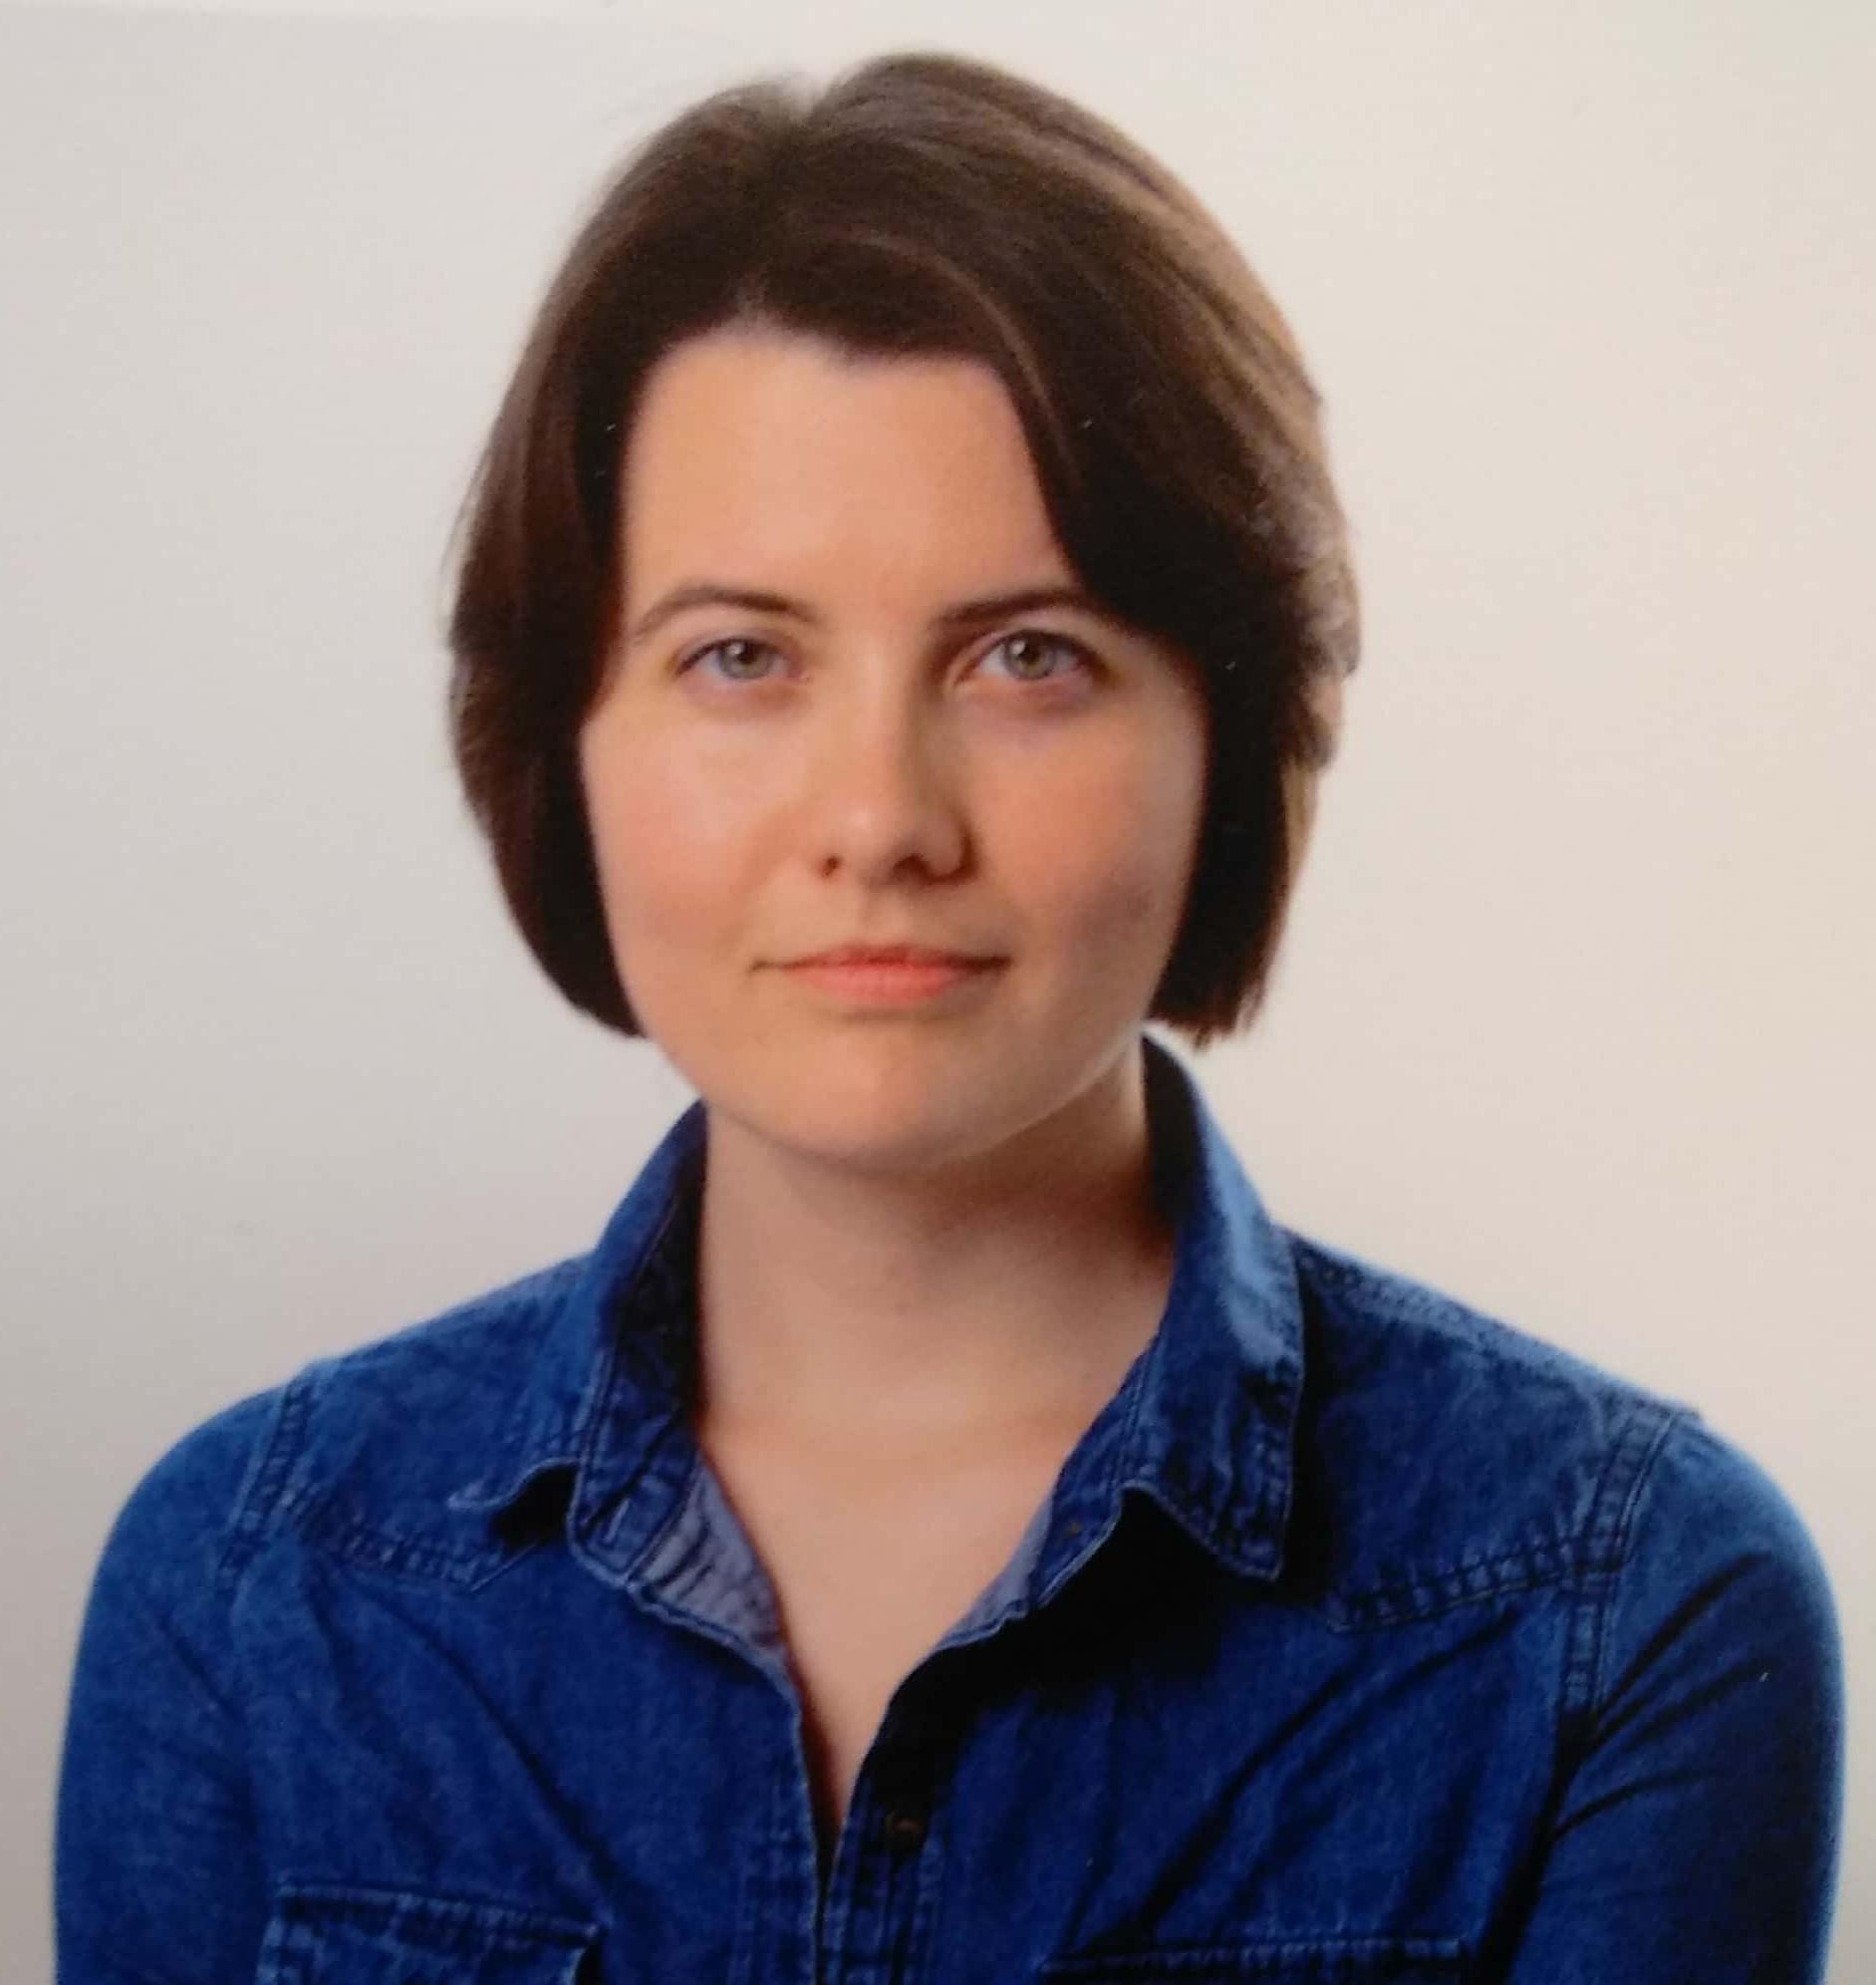 Nadia Schillreff